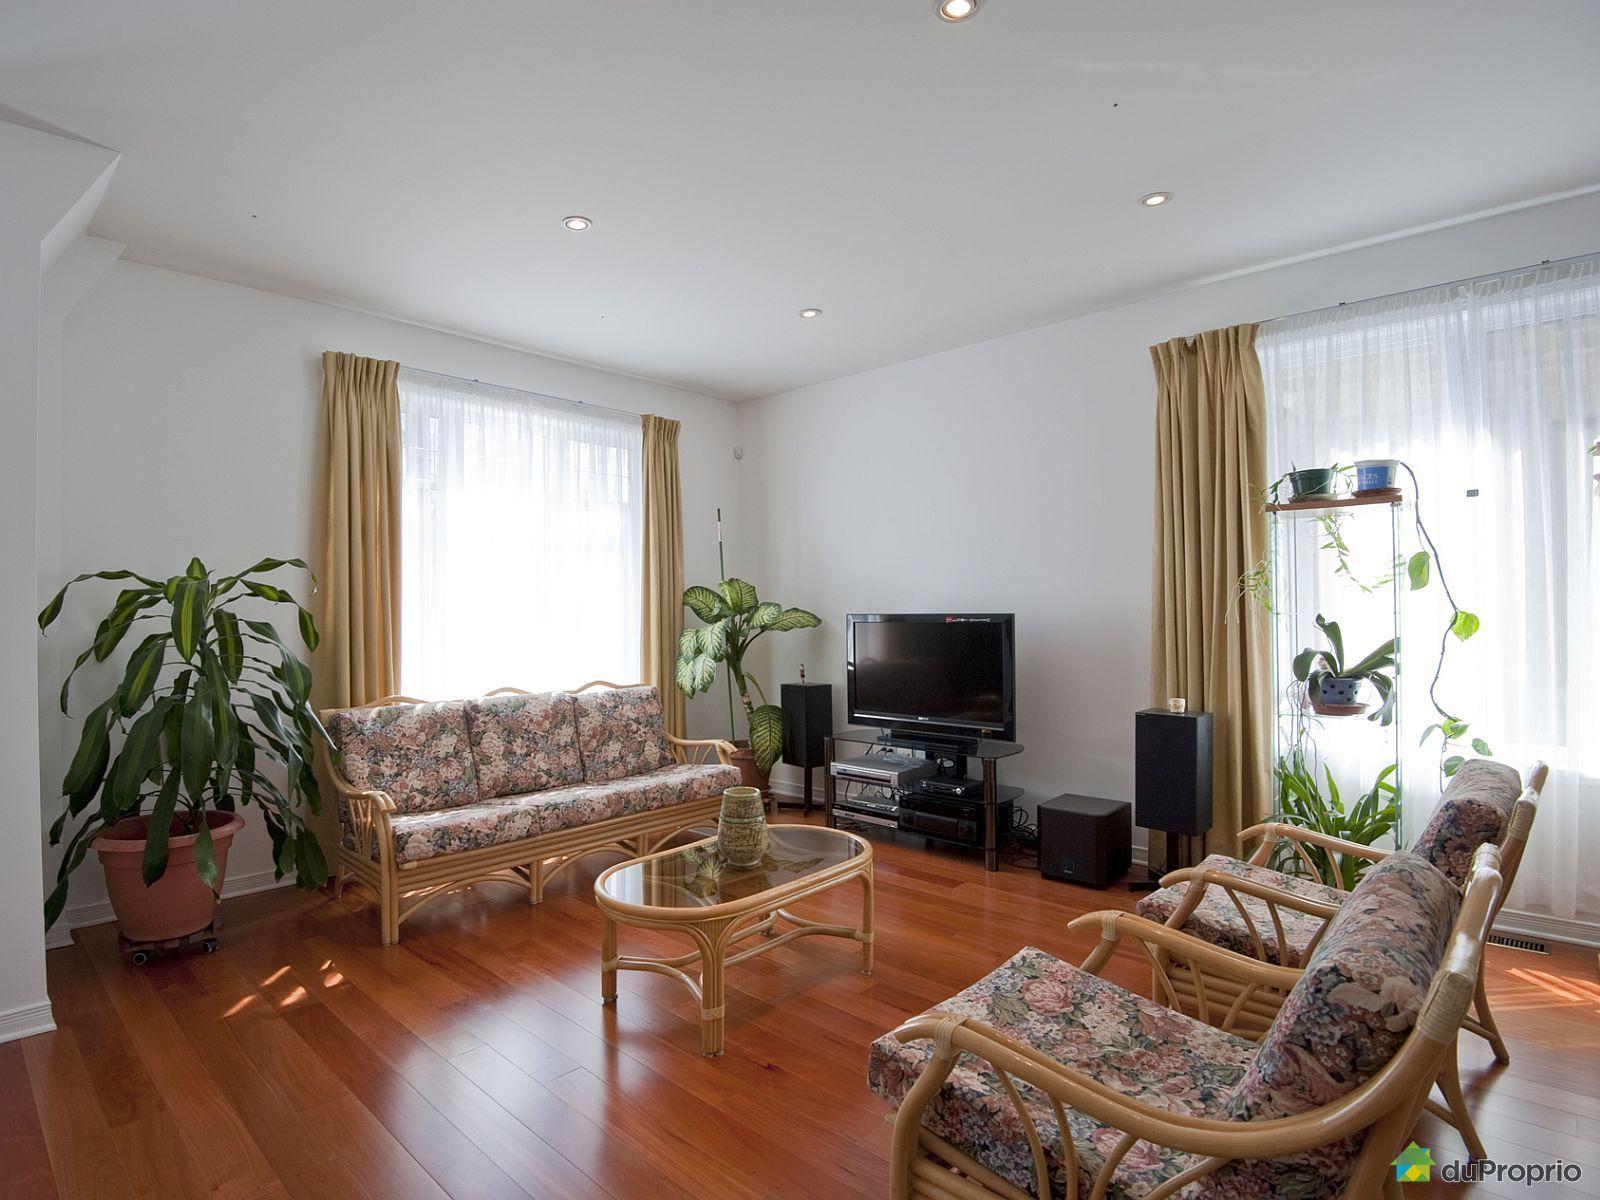 bi g n ration vendu longueuil immobilier qu bec duproprio 504300. Black Bedroom Furniture Sets. Home Design Ideas